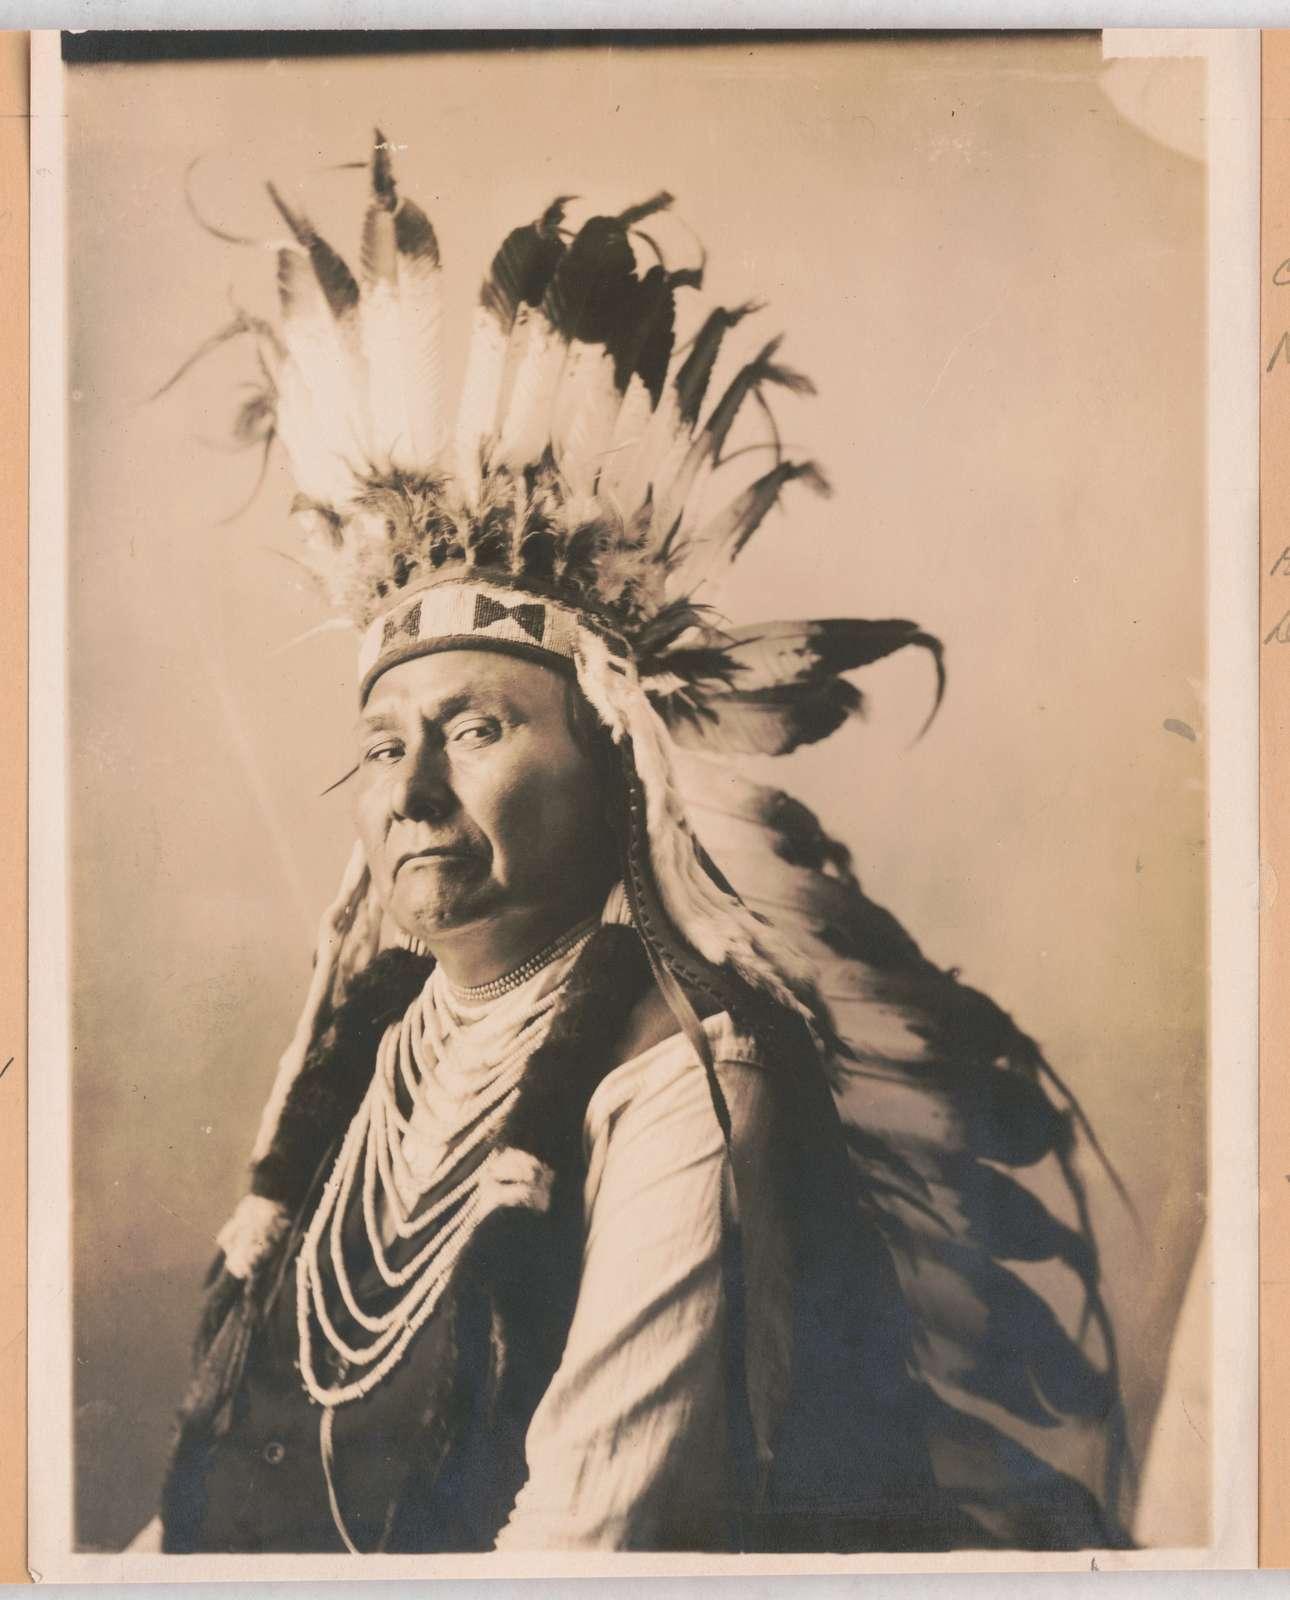 Chief Joseph, Nez Percé